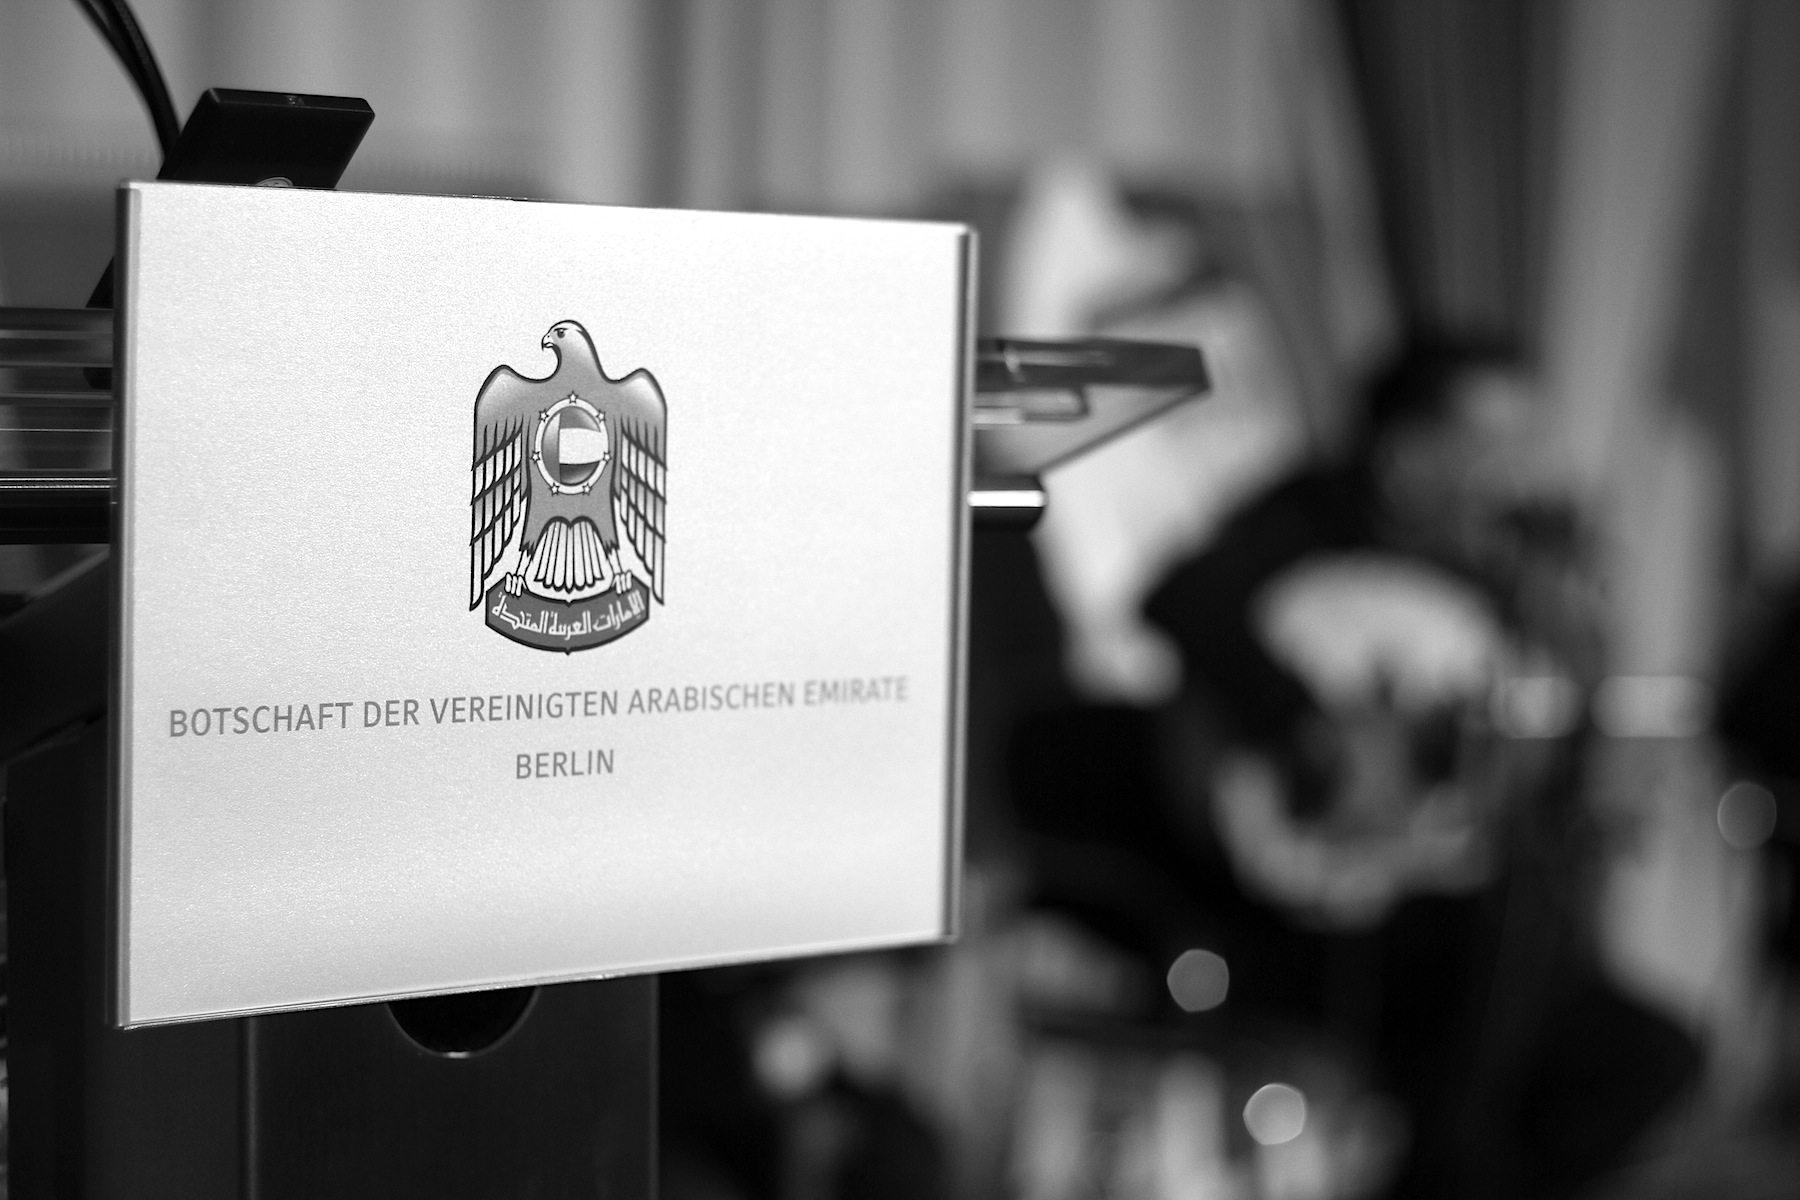 Botschaft. Seit diesem Jahr ist Ali Al Ahmed der Botschafter der Vereinigten Arabischen Emirate in Deutschland. Sein Amtssitz ist im Berliner Diplomatenviertel am Tiergarten. Hier ging er in seiner Rede zum Nationalfeiertag auf die engen wirtschaftlichen Beziehungen zwischen den VAE und Deutschland ein und betonte, dass die Emirate großen Wert auf die Förderung von Toleranz und friedlichem Zusammenleben in ihrem Land legen. Angesichts einer Ausländerquote von fast 90 Prozent mit mehr als 190 Nationalitäten eine wichtige Komponente des gesellschaftlichen Miteinanders.